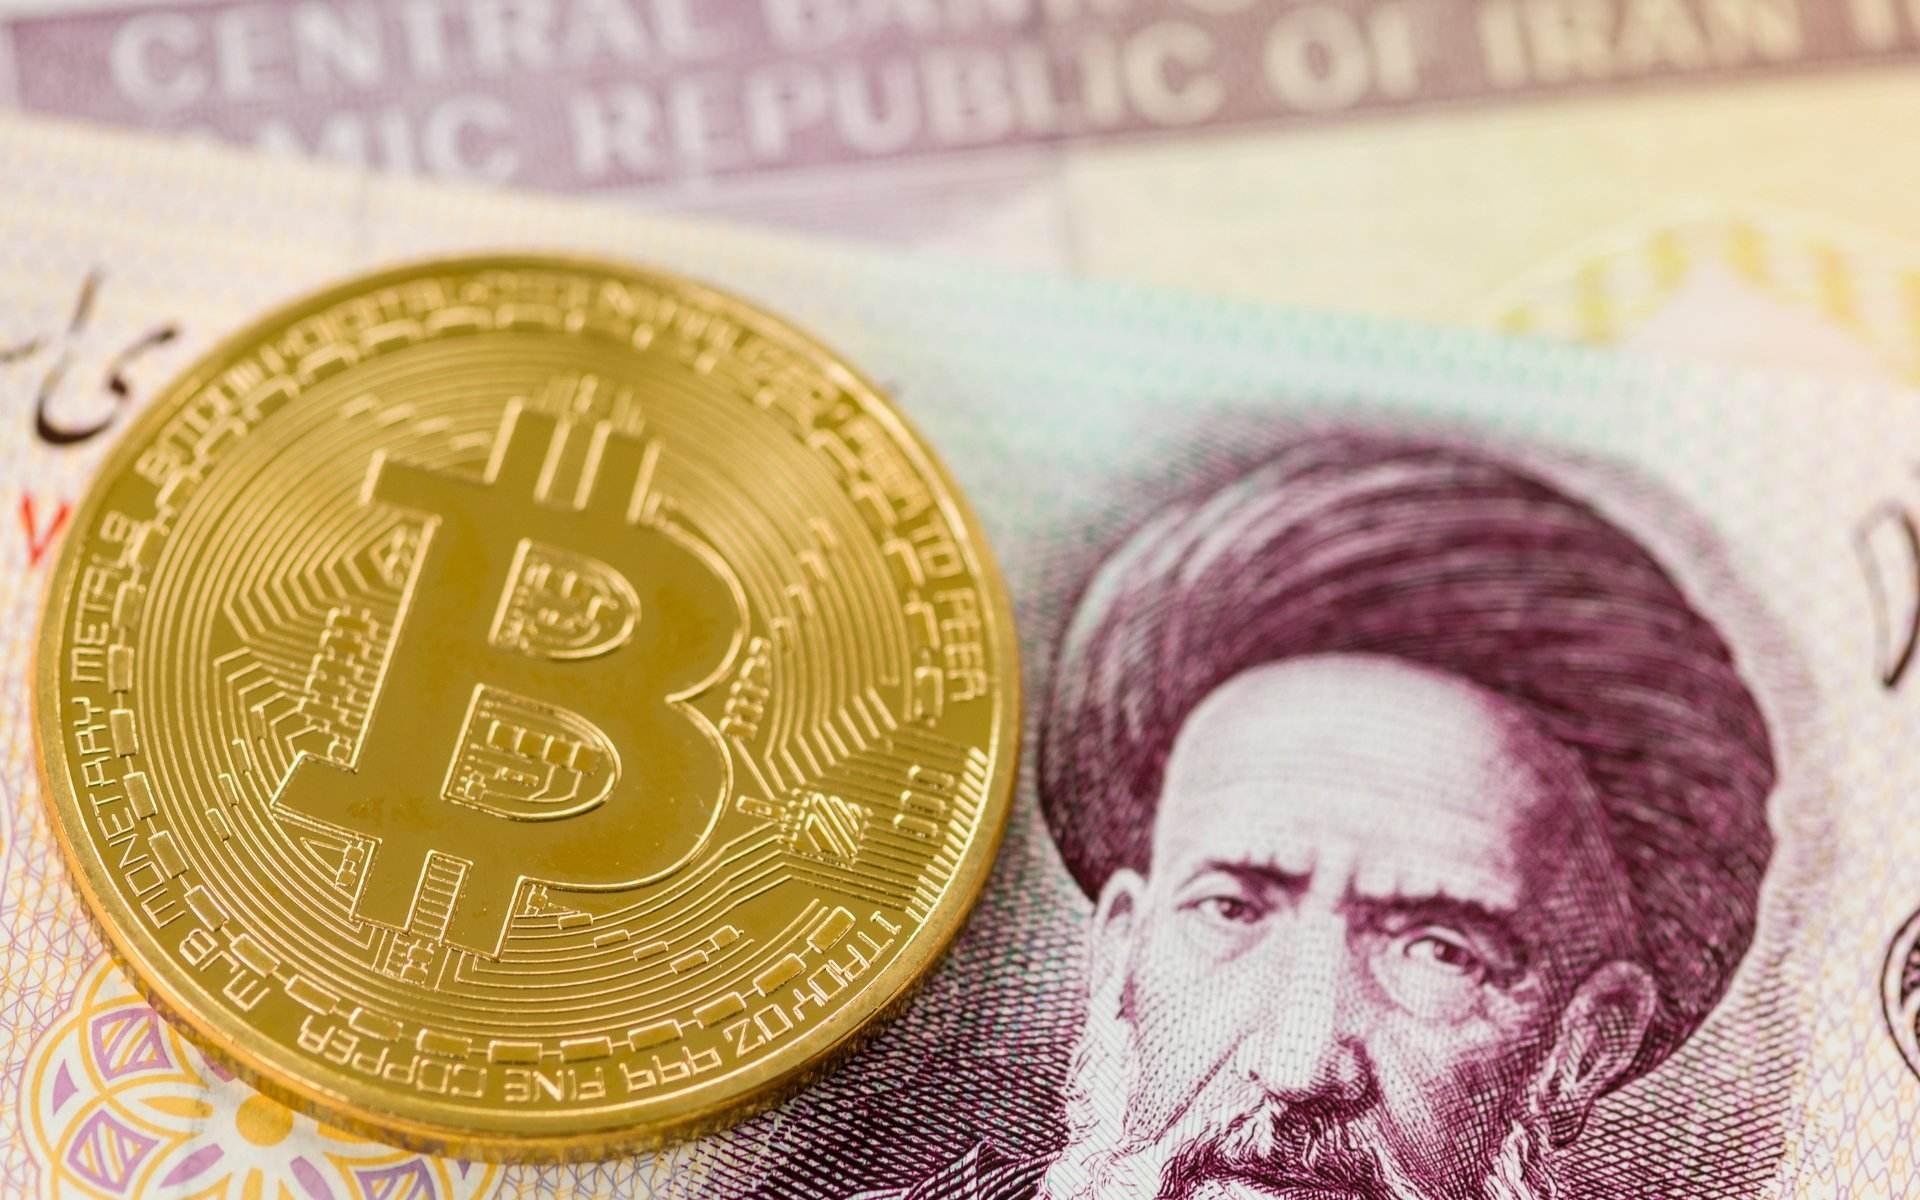 伊朗再出挖矿监管细节 电价上涨或致资本外逃